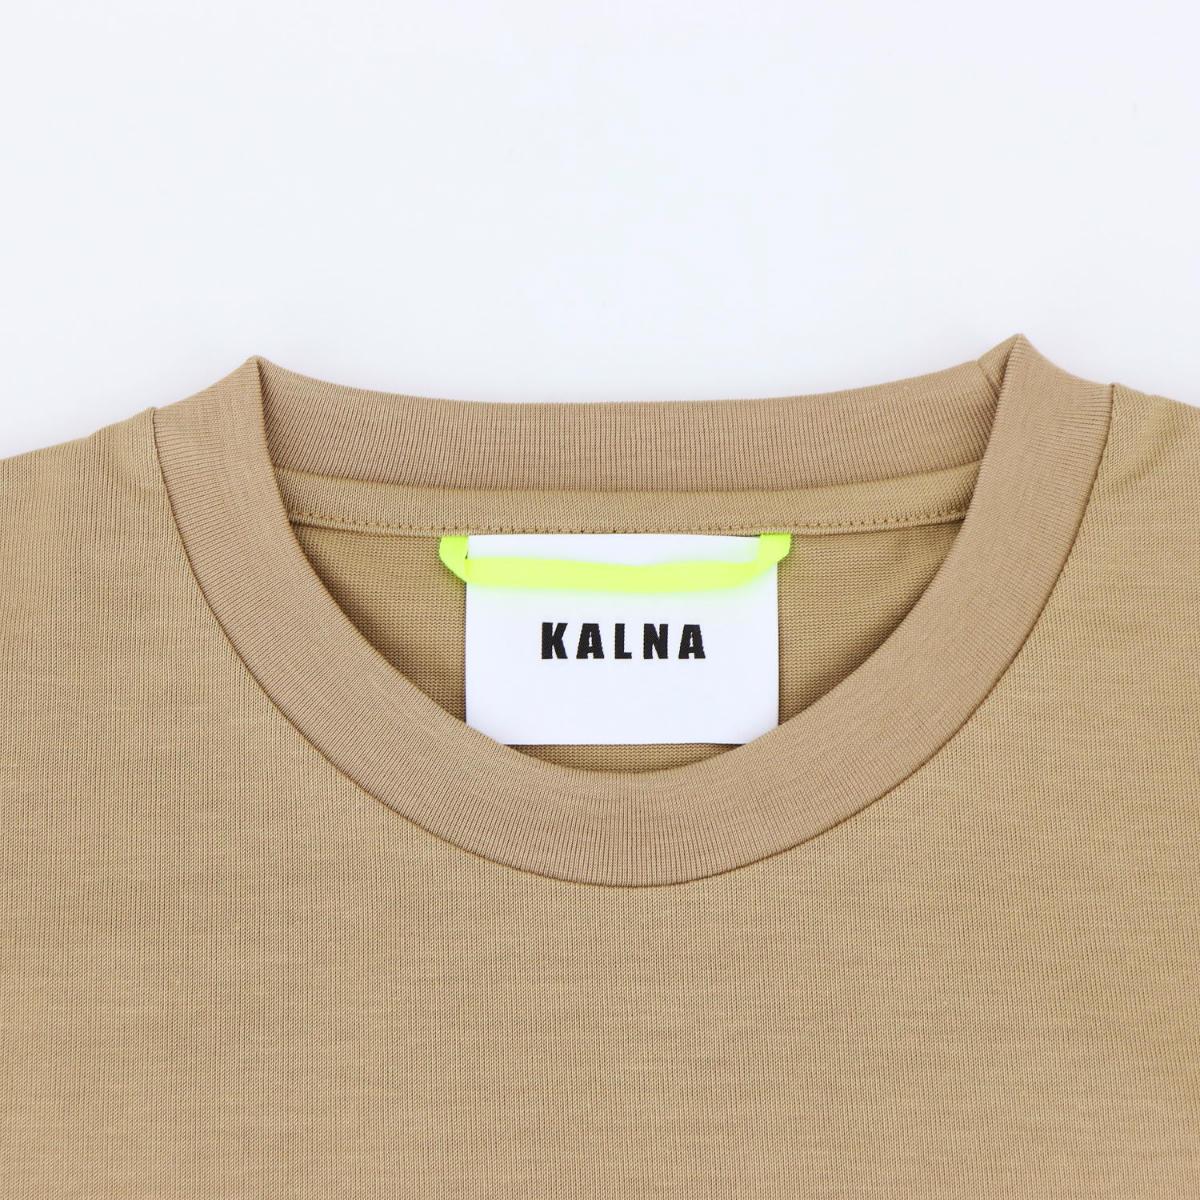 カルナ KALNA レディース ウルティマ コットン クルーネック 半袖Tシャツ 1A11202S KAL 071(ベージュ) 春夏新作